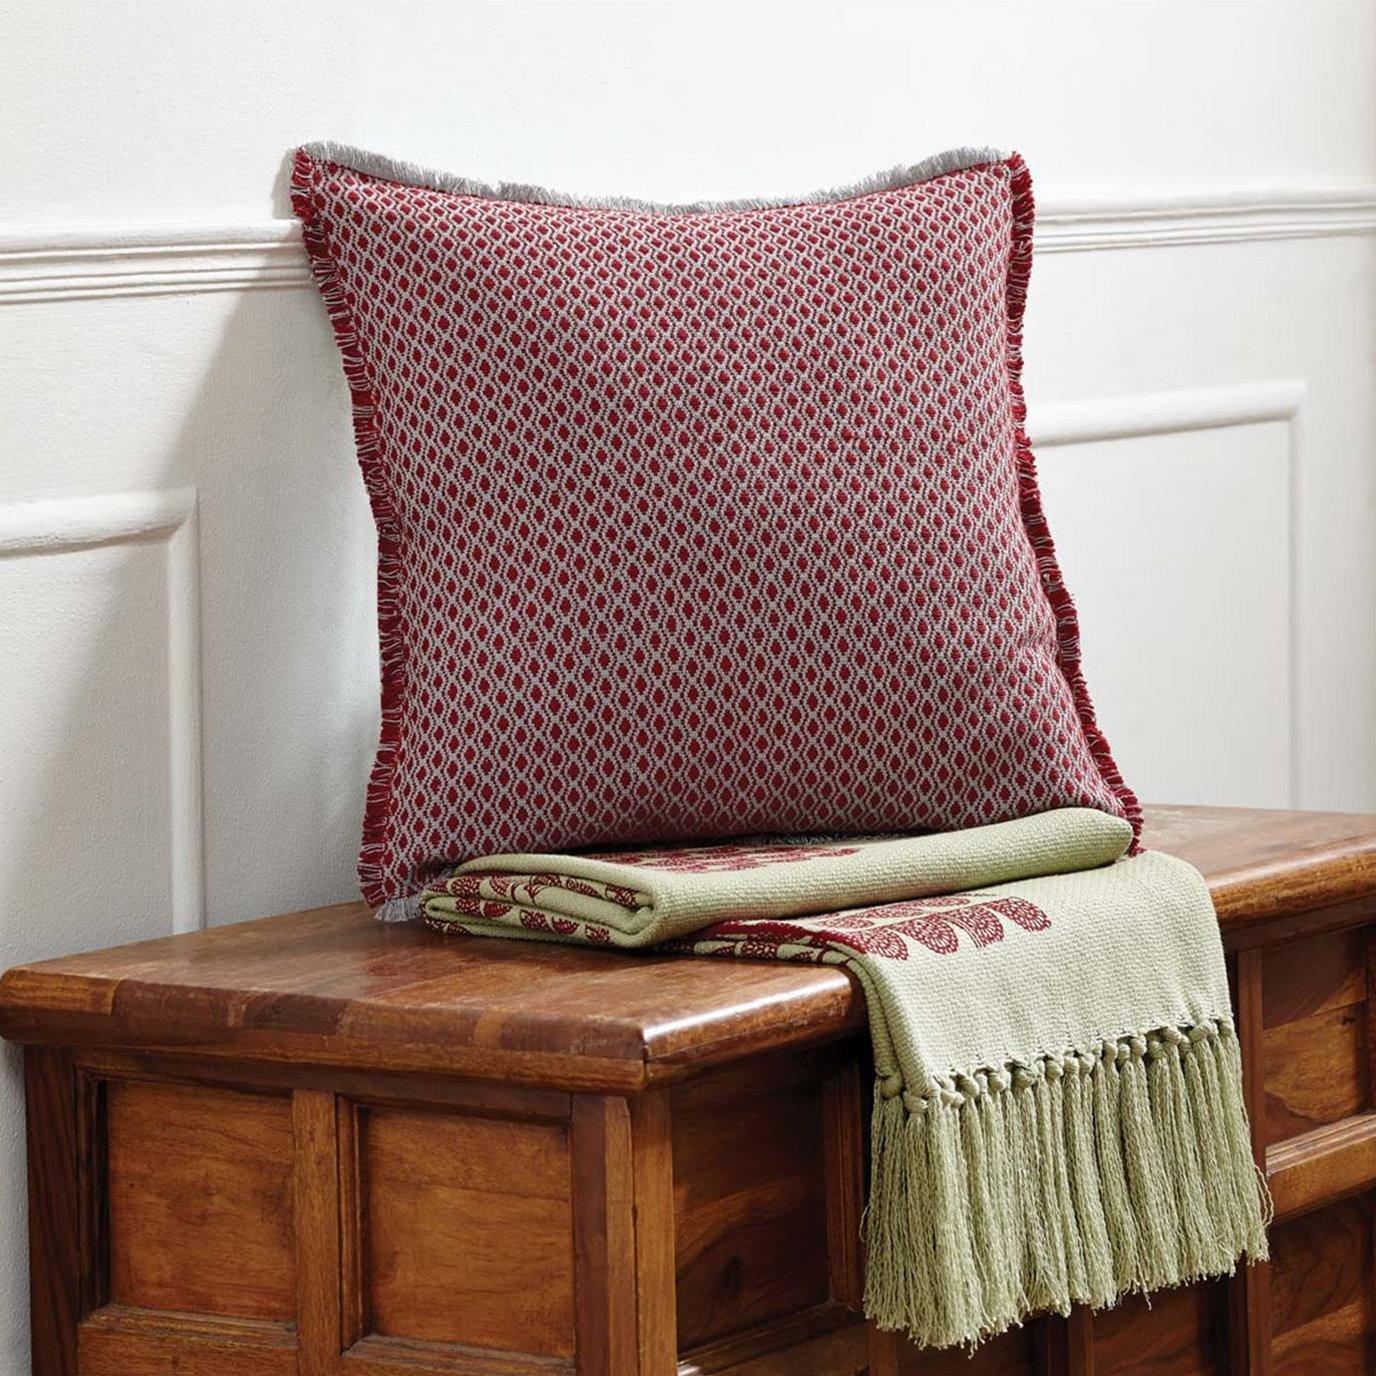 Tannen Pillow Frayed 16x16